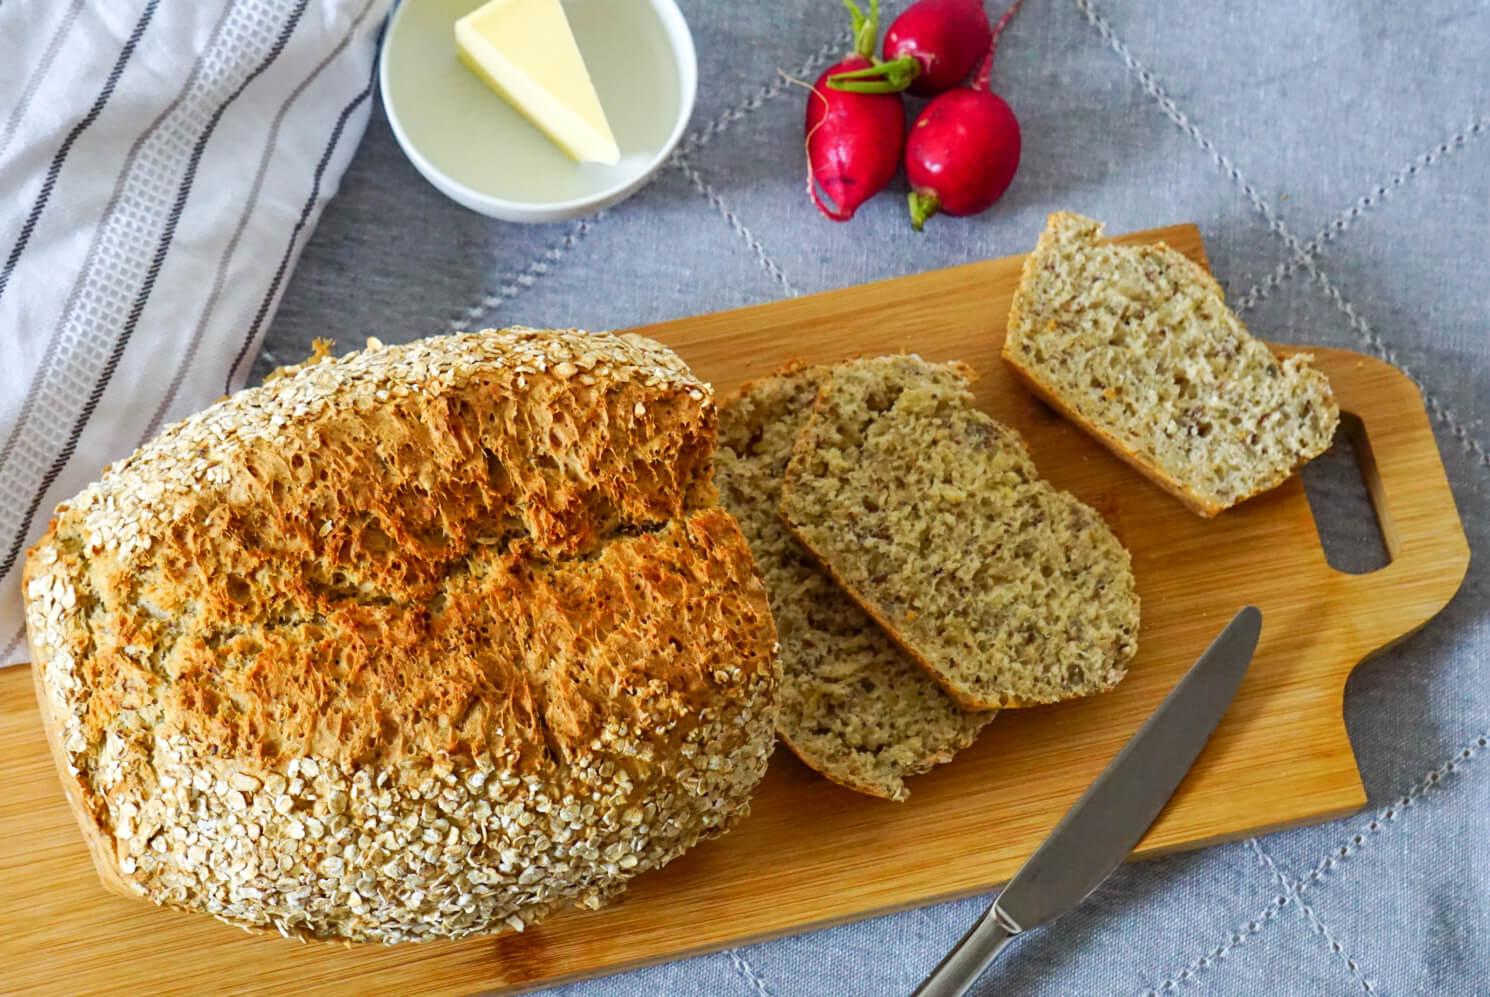 Selbst gebackenes angeschnittenes Brot